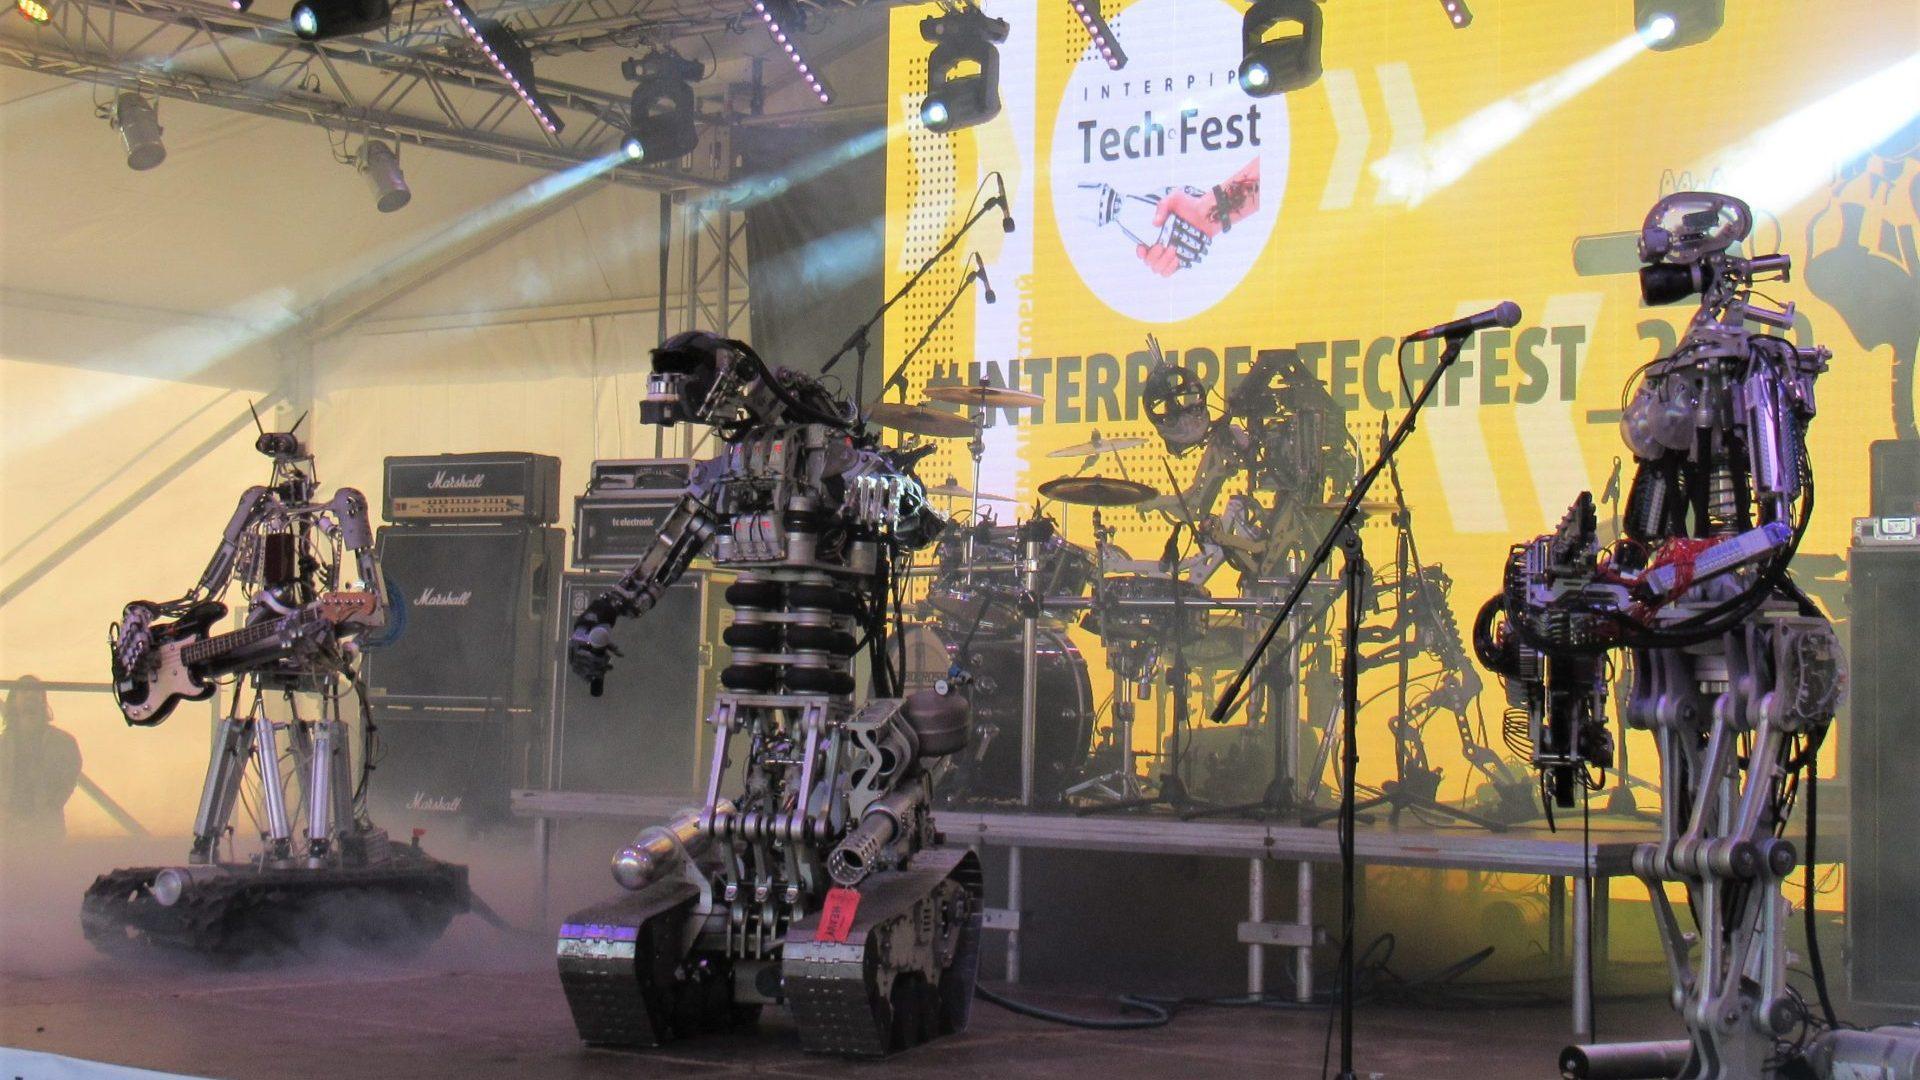 Рок-роботы, трансформеры и летающие бочки: как прошел Interpipe Tech Fest 2019